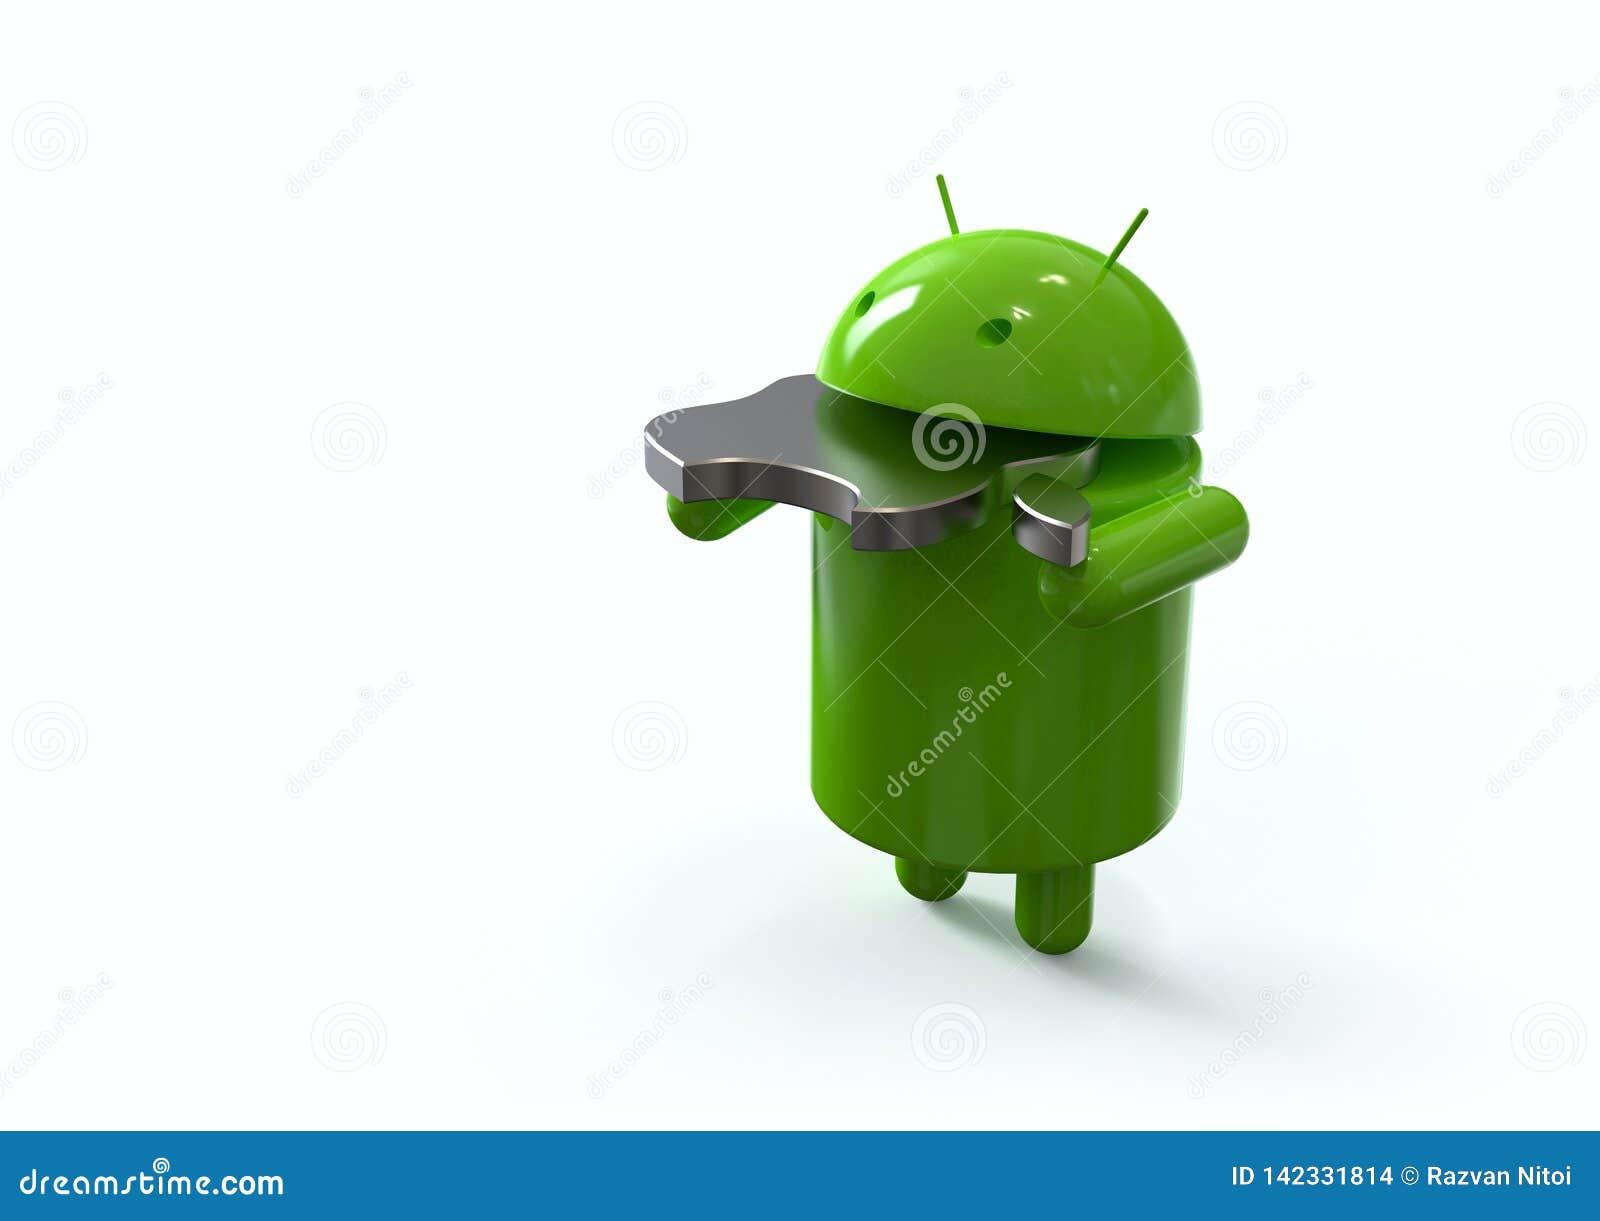 Android contra el símbolo de la competencia de Apple, caracteres del logotipo